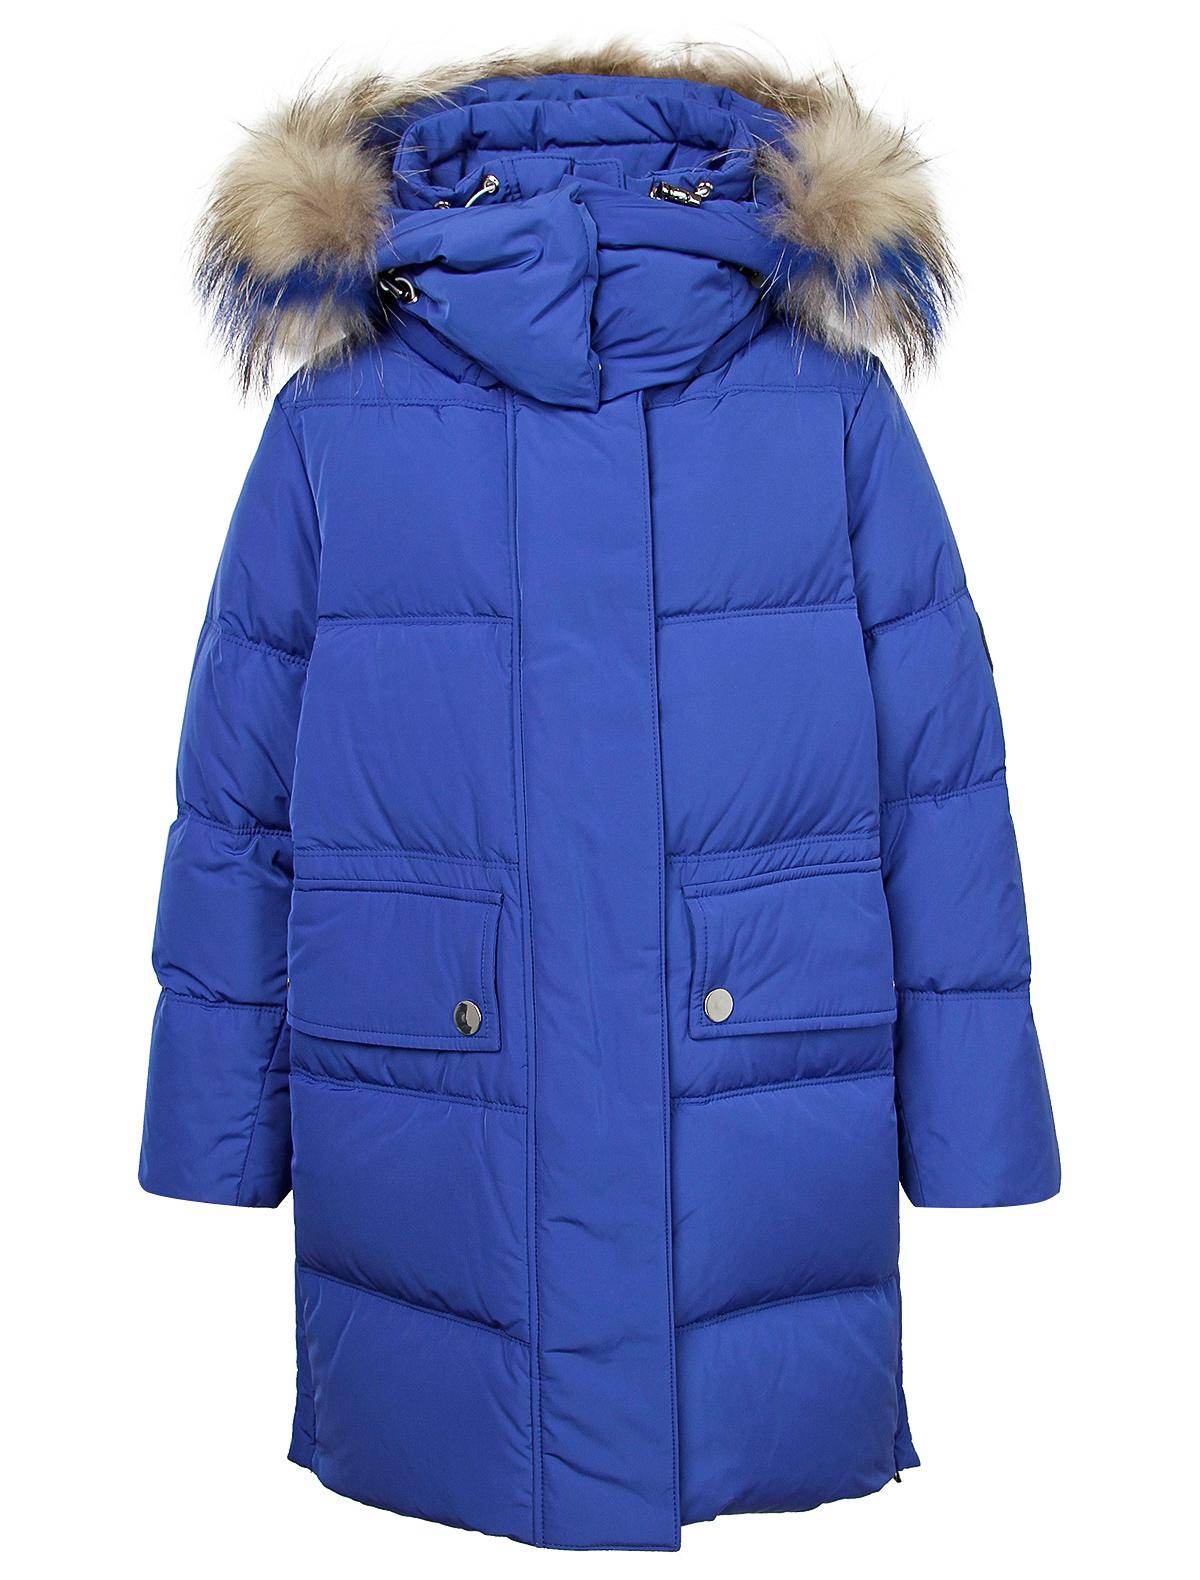 Купить 2121542, Пальто Jums Kids, синий, Женский, 1121409980133